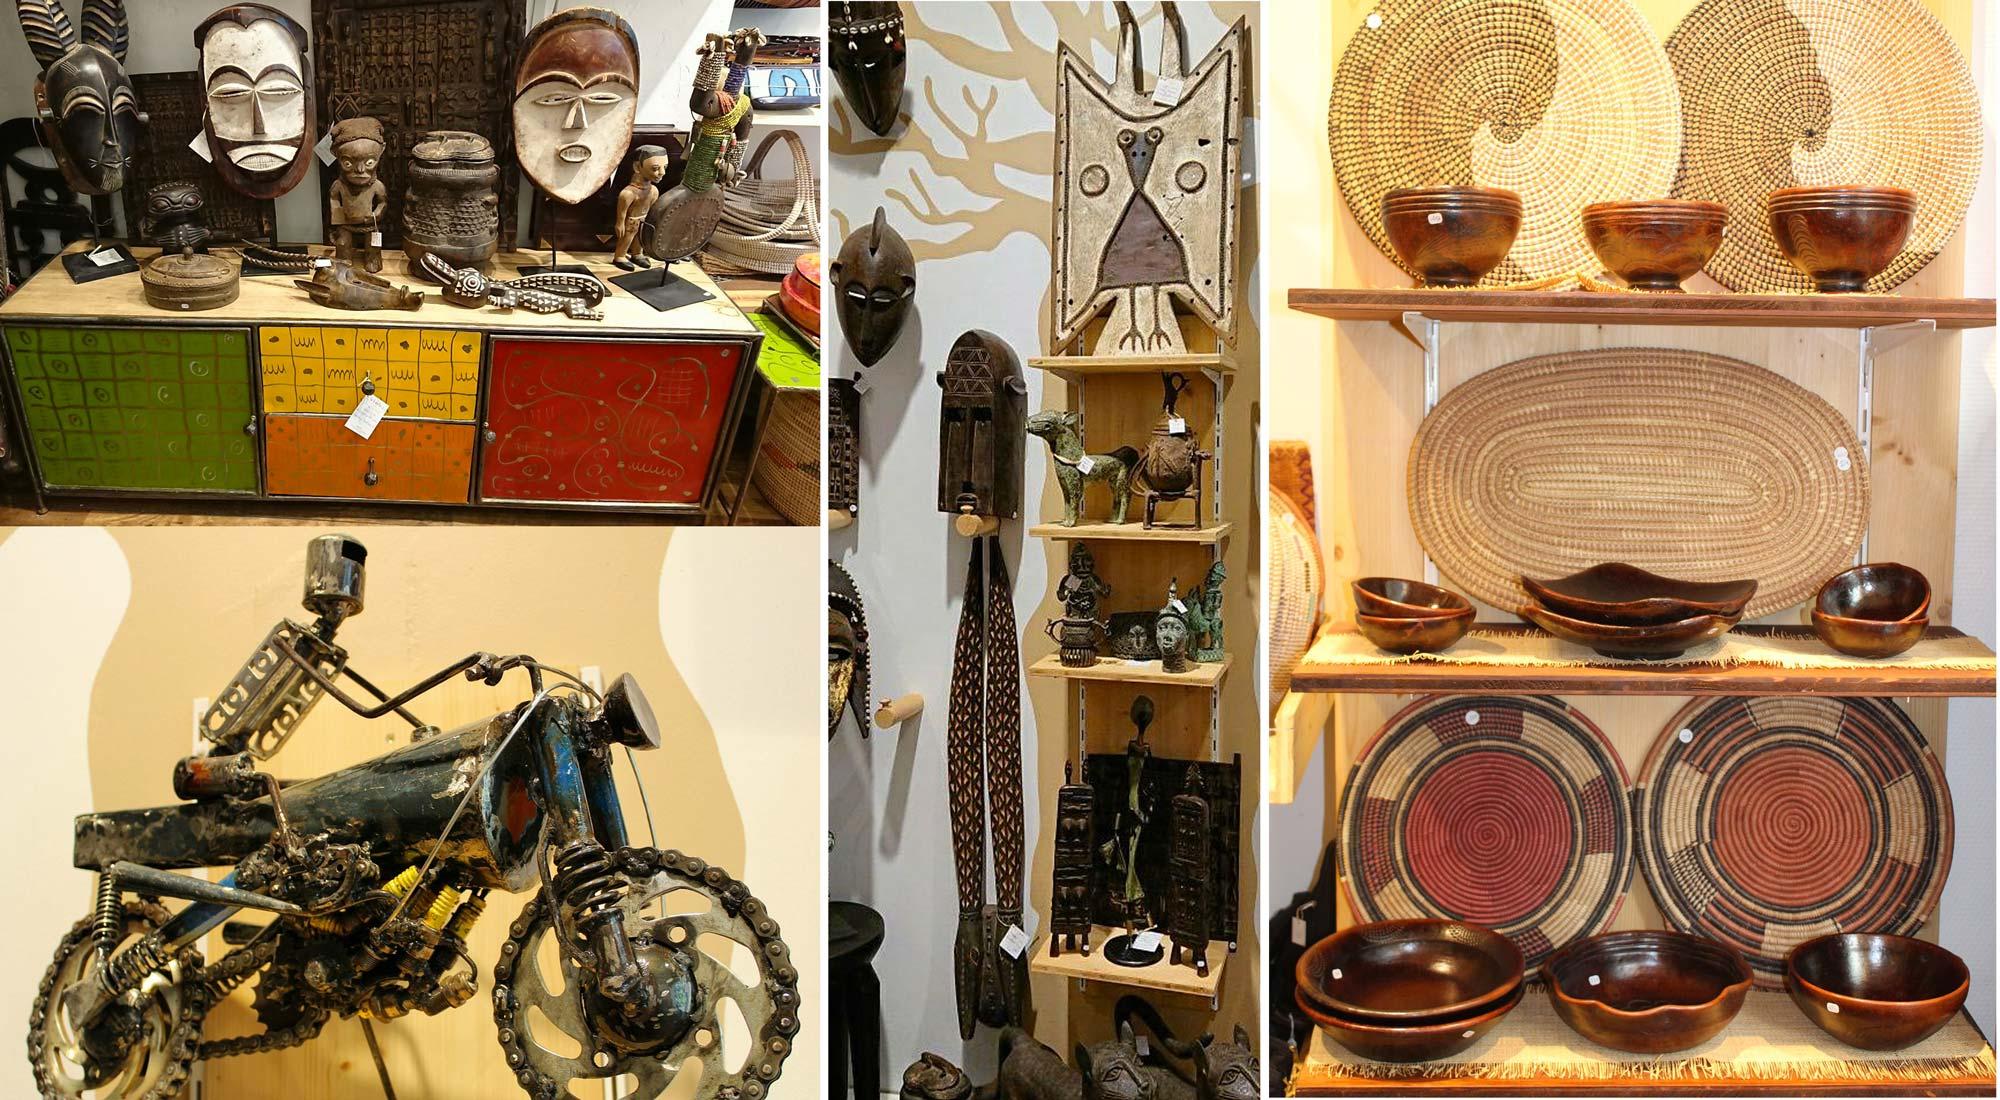 boutique-le-balafon-art-africain-nantes.